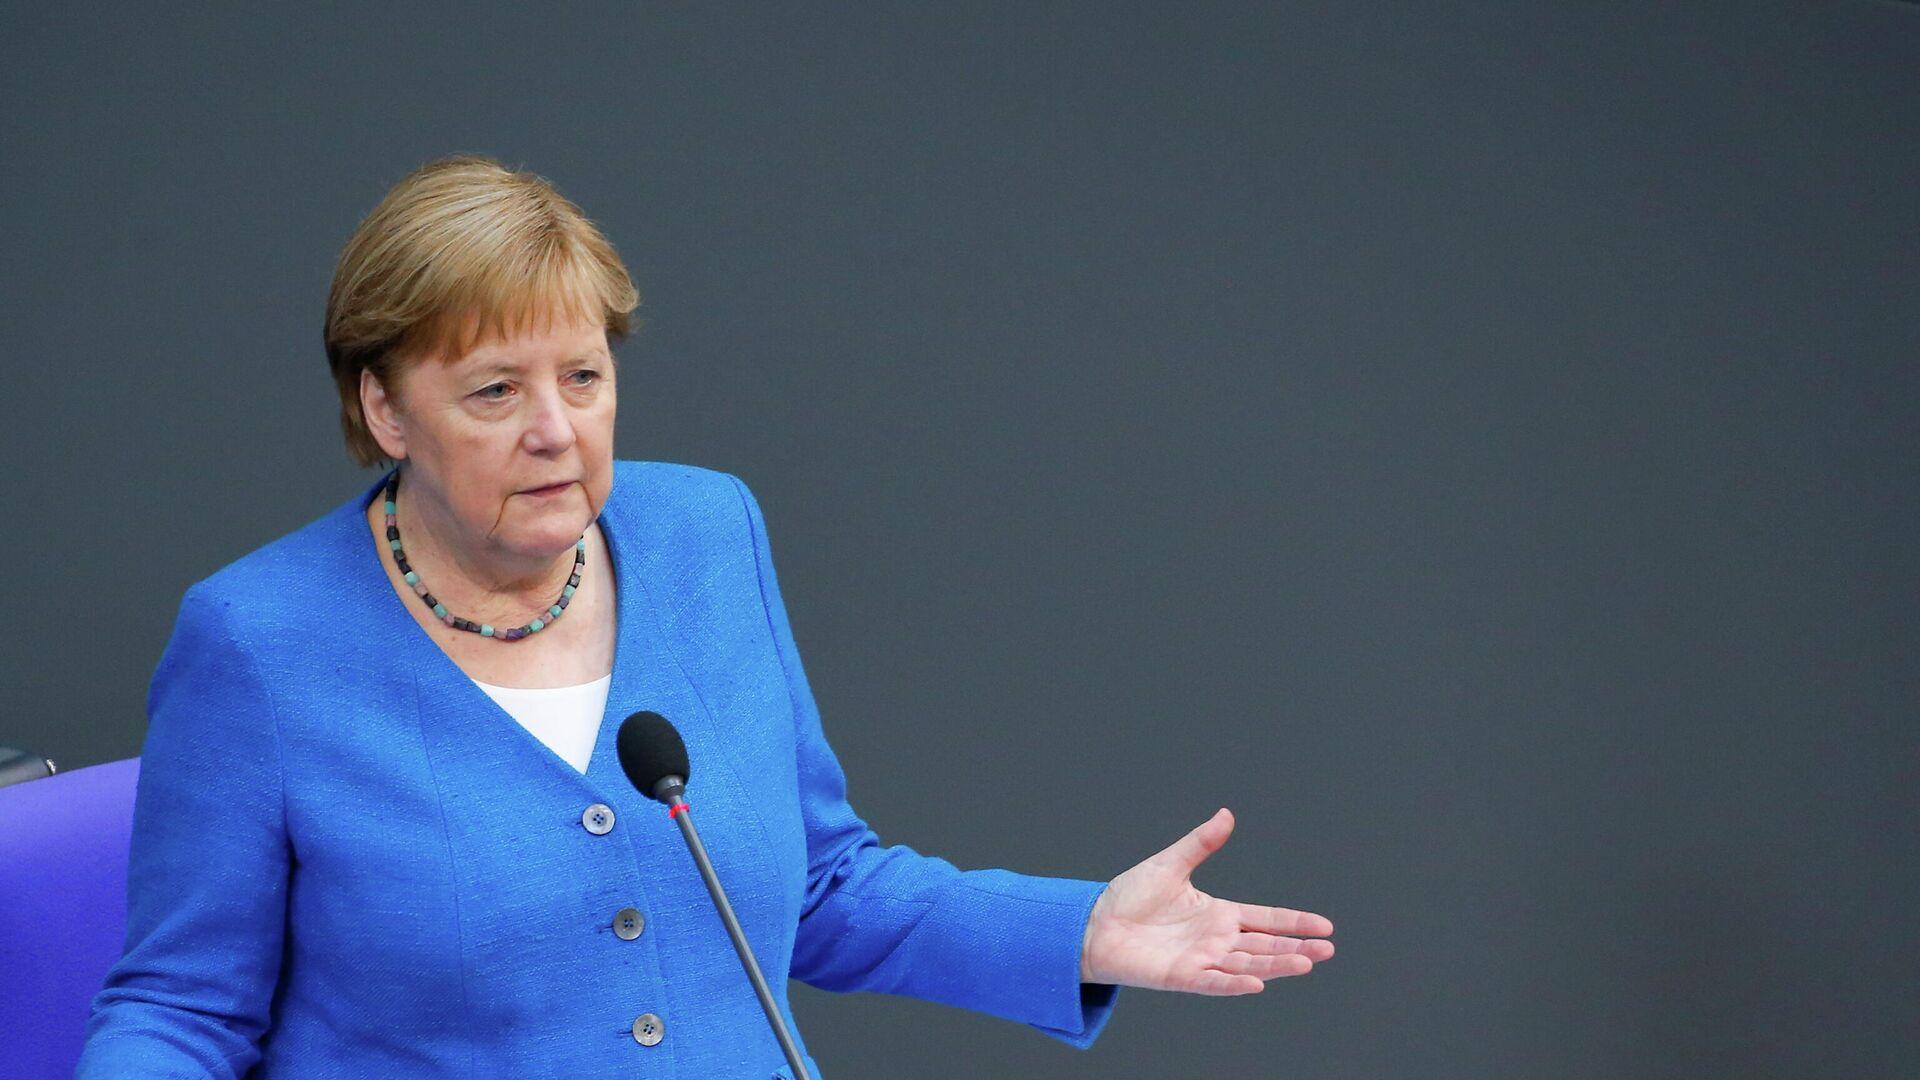 Bundeskanzlerin Merkel hält eine Rede im Bundestag  - SNA, 1920, 12.07.2021